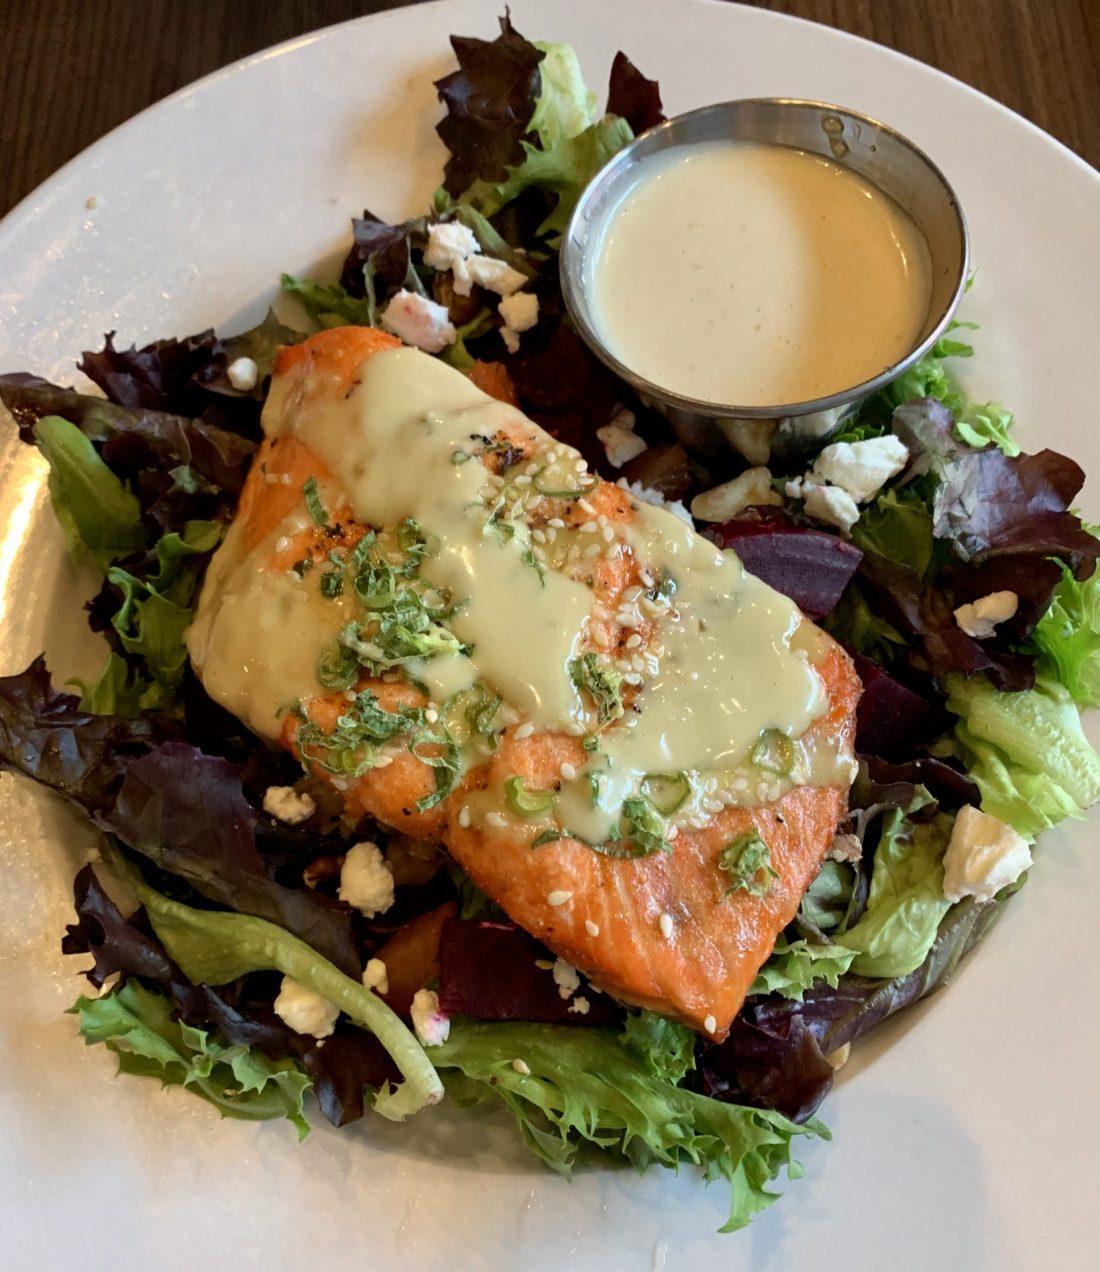 Luke Wholey's Salmon Beet Salad